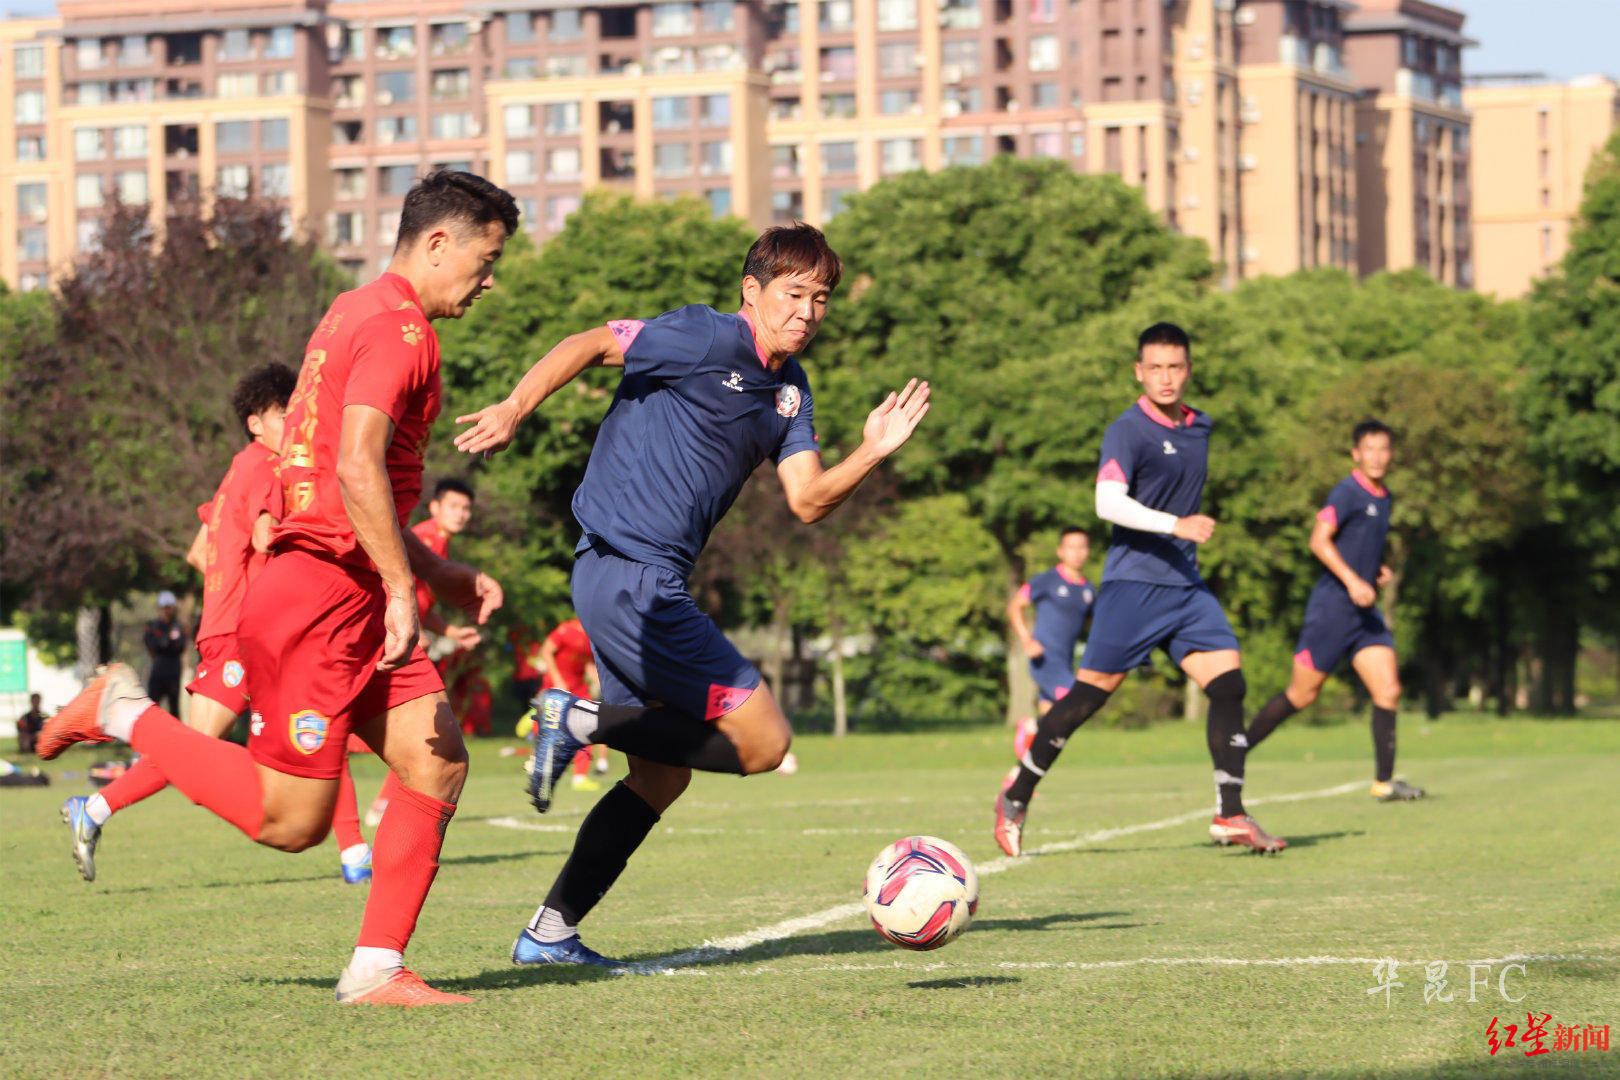 新军四川华昆热身赛击败中甲队,前四川FC球员终于可以放心踢球了!